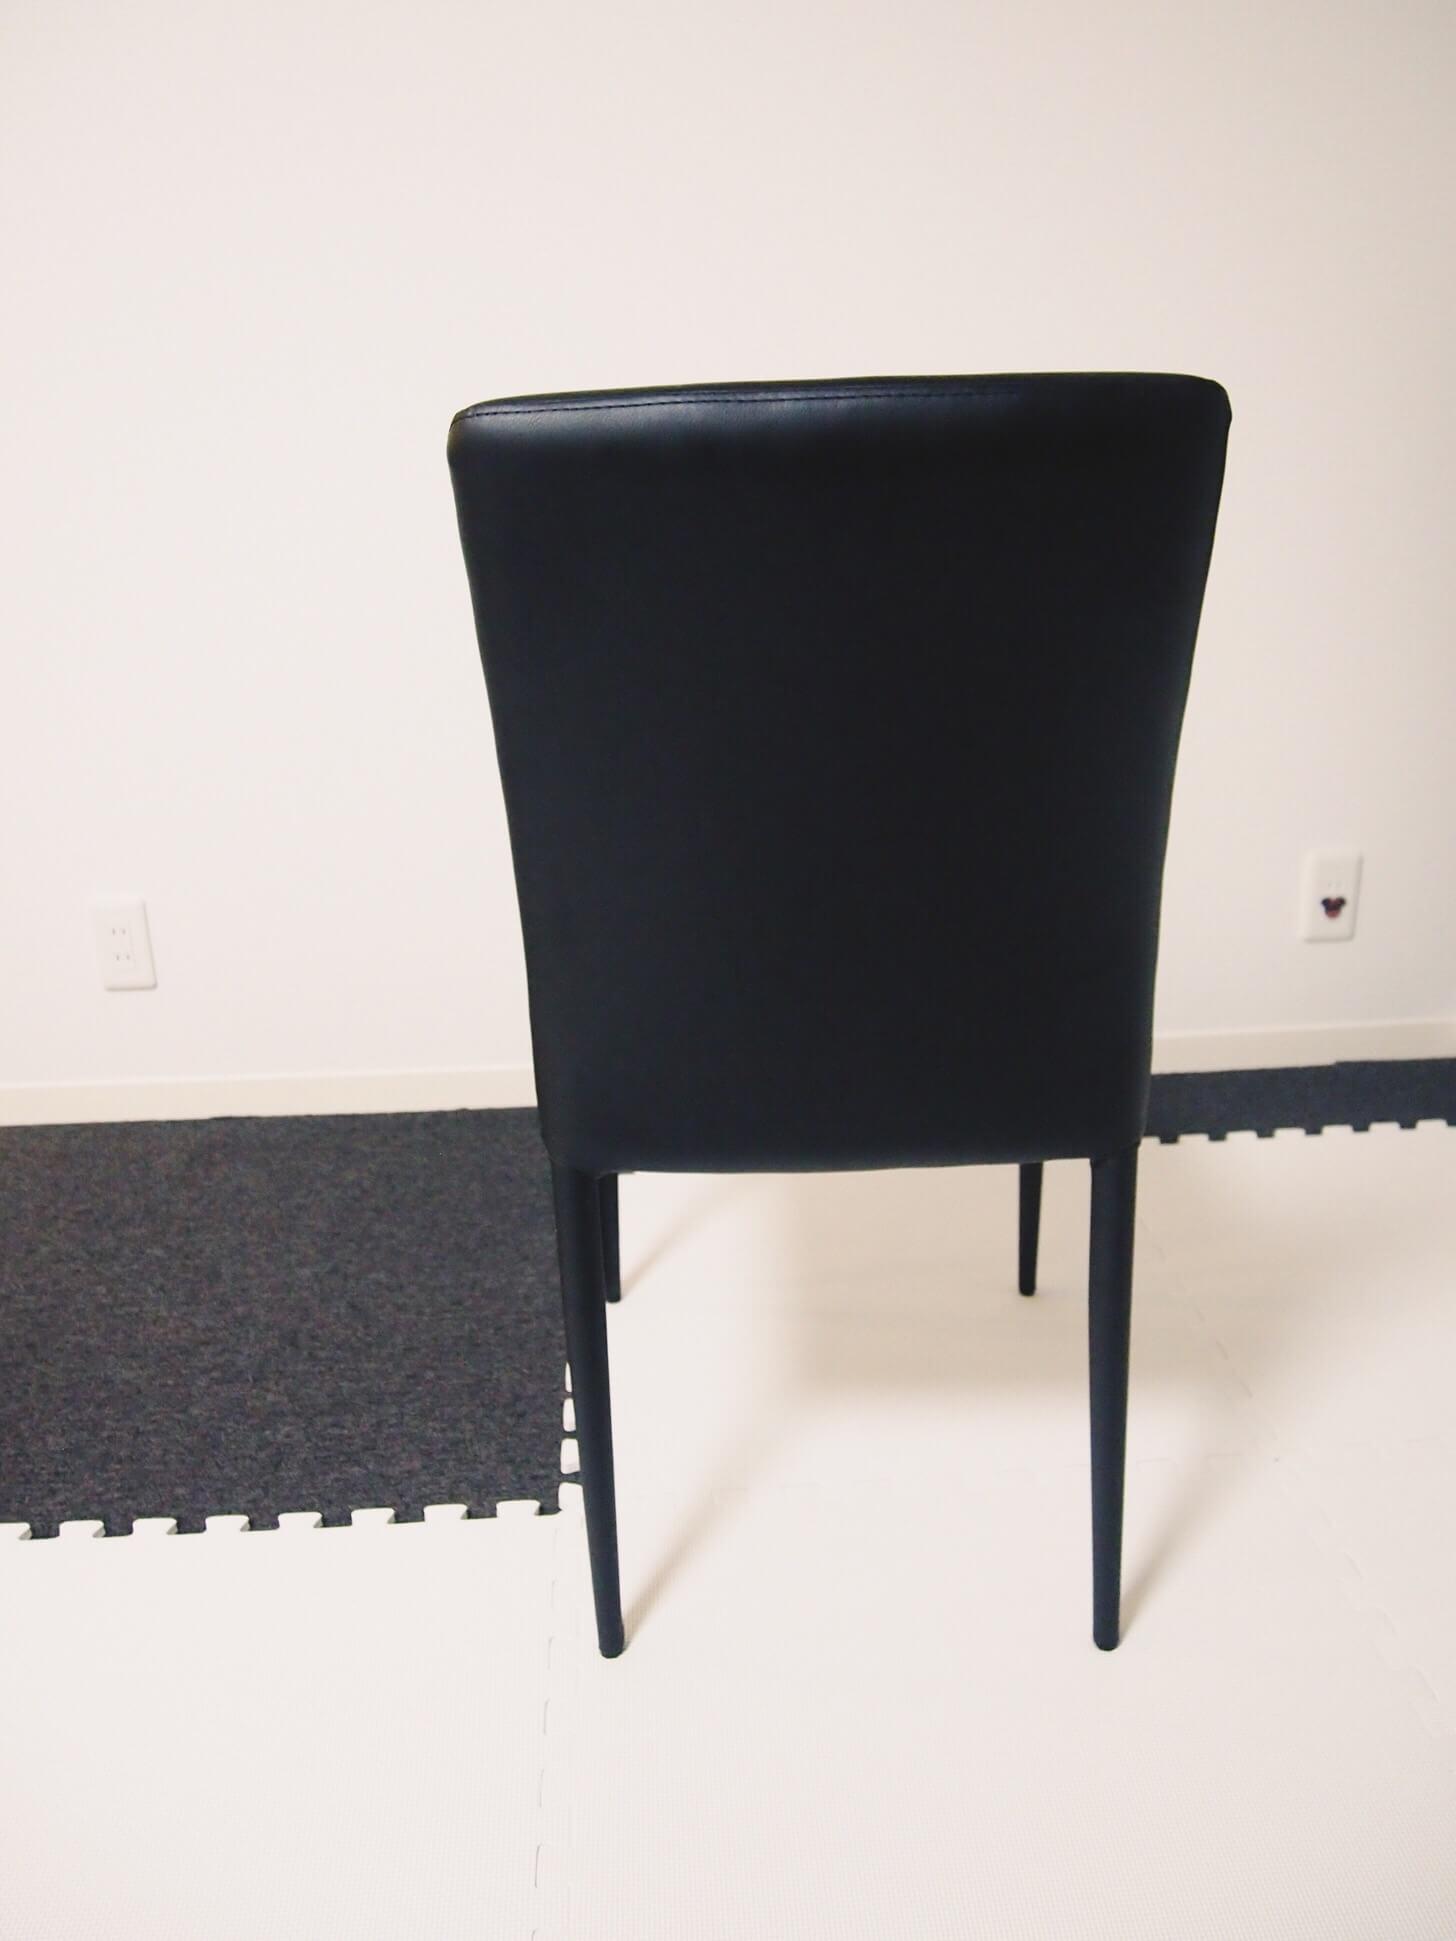 モーダエンカーサの椅子-4